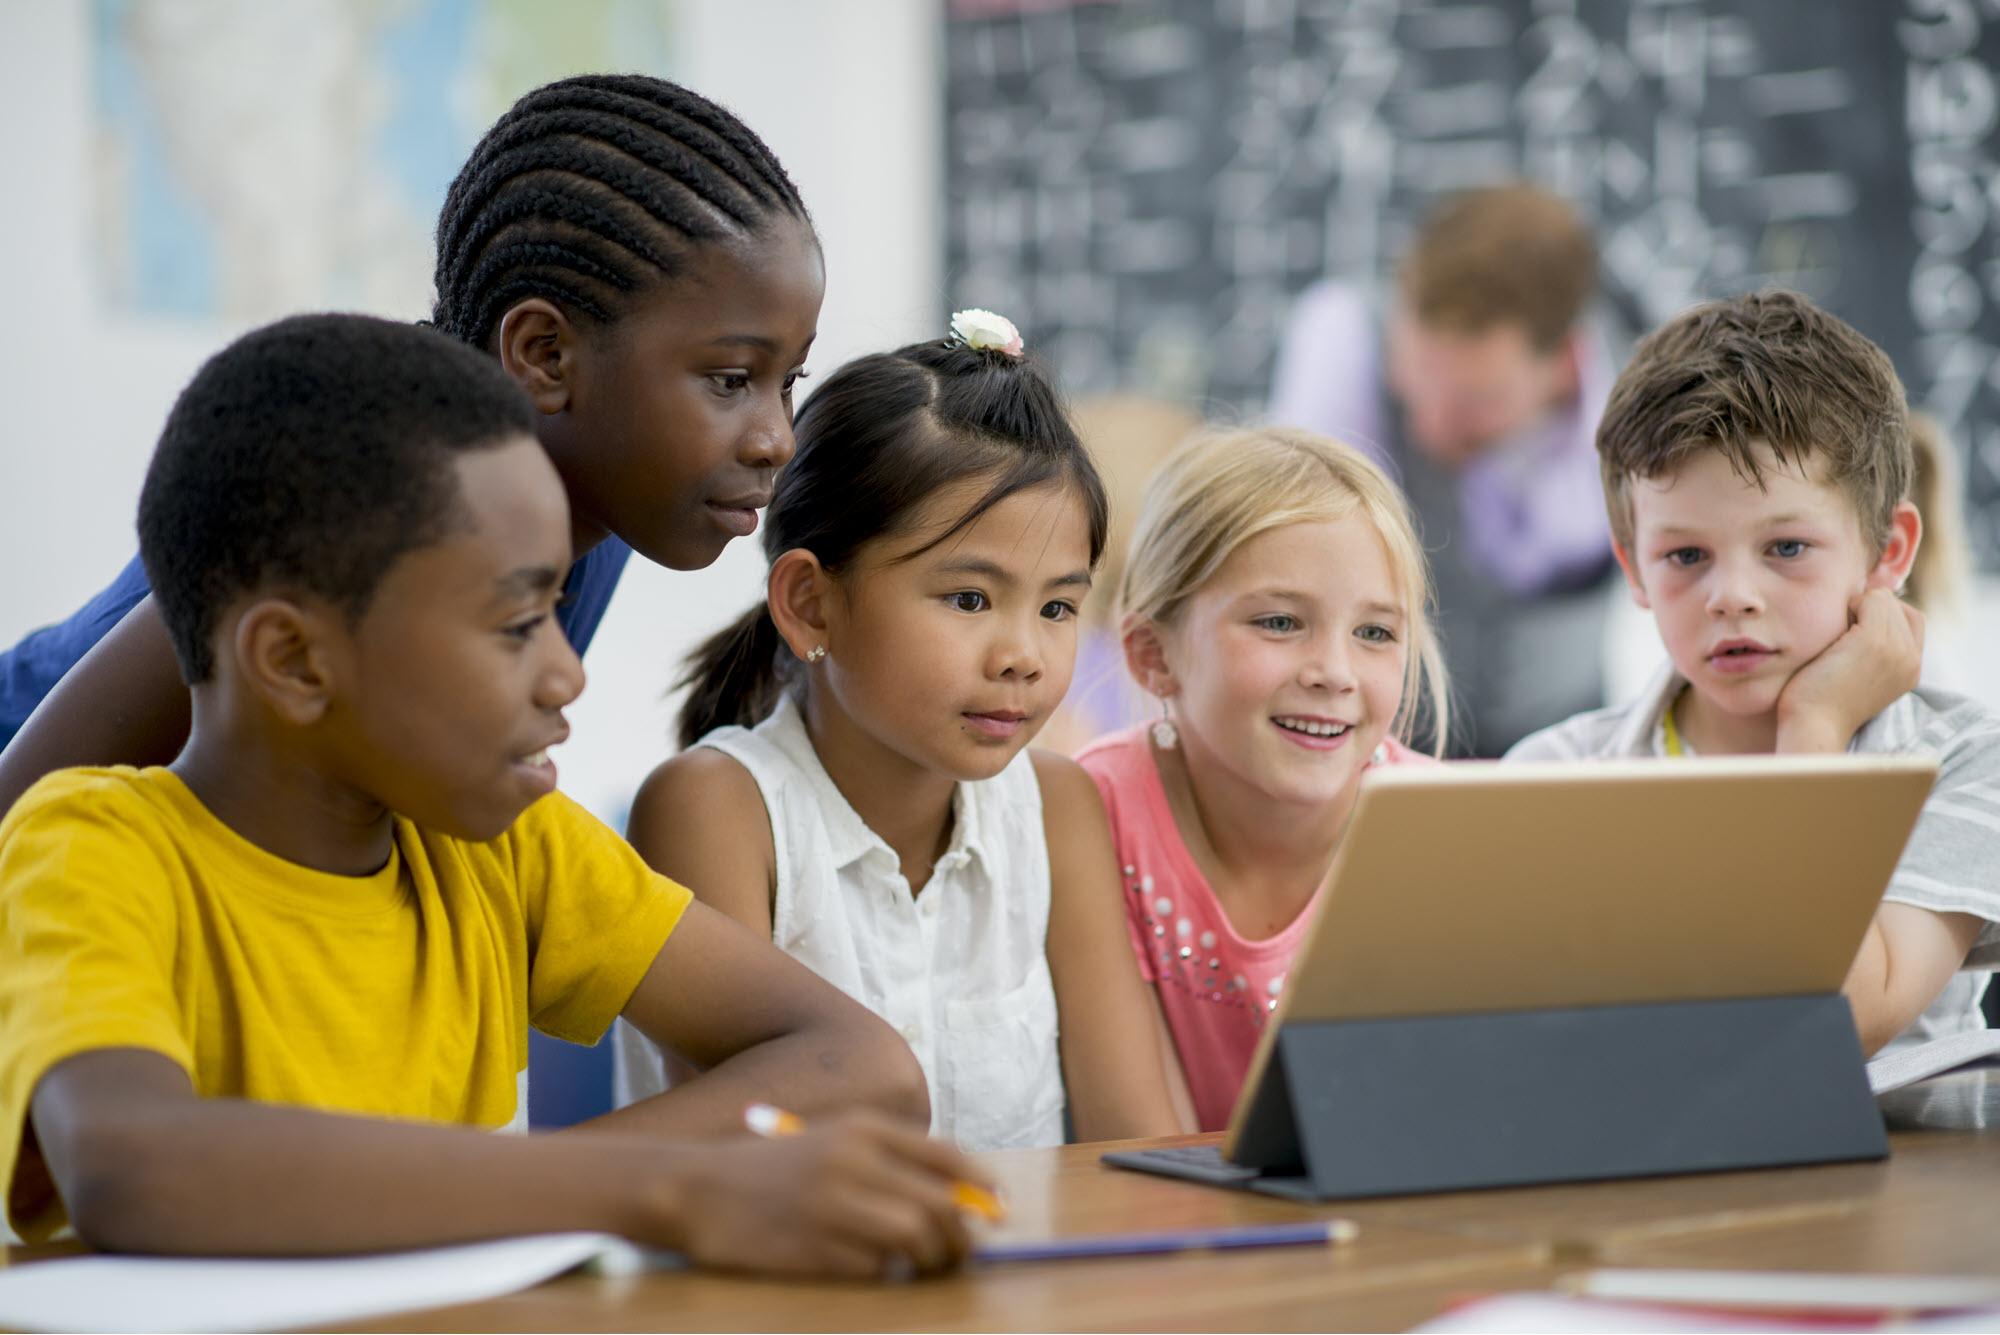 escuela primaria estudiantes estudiando